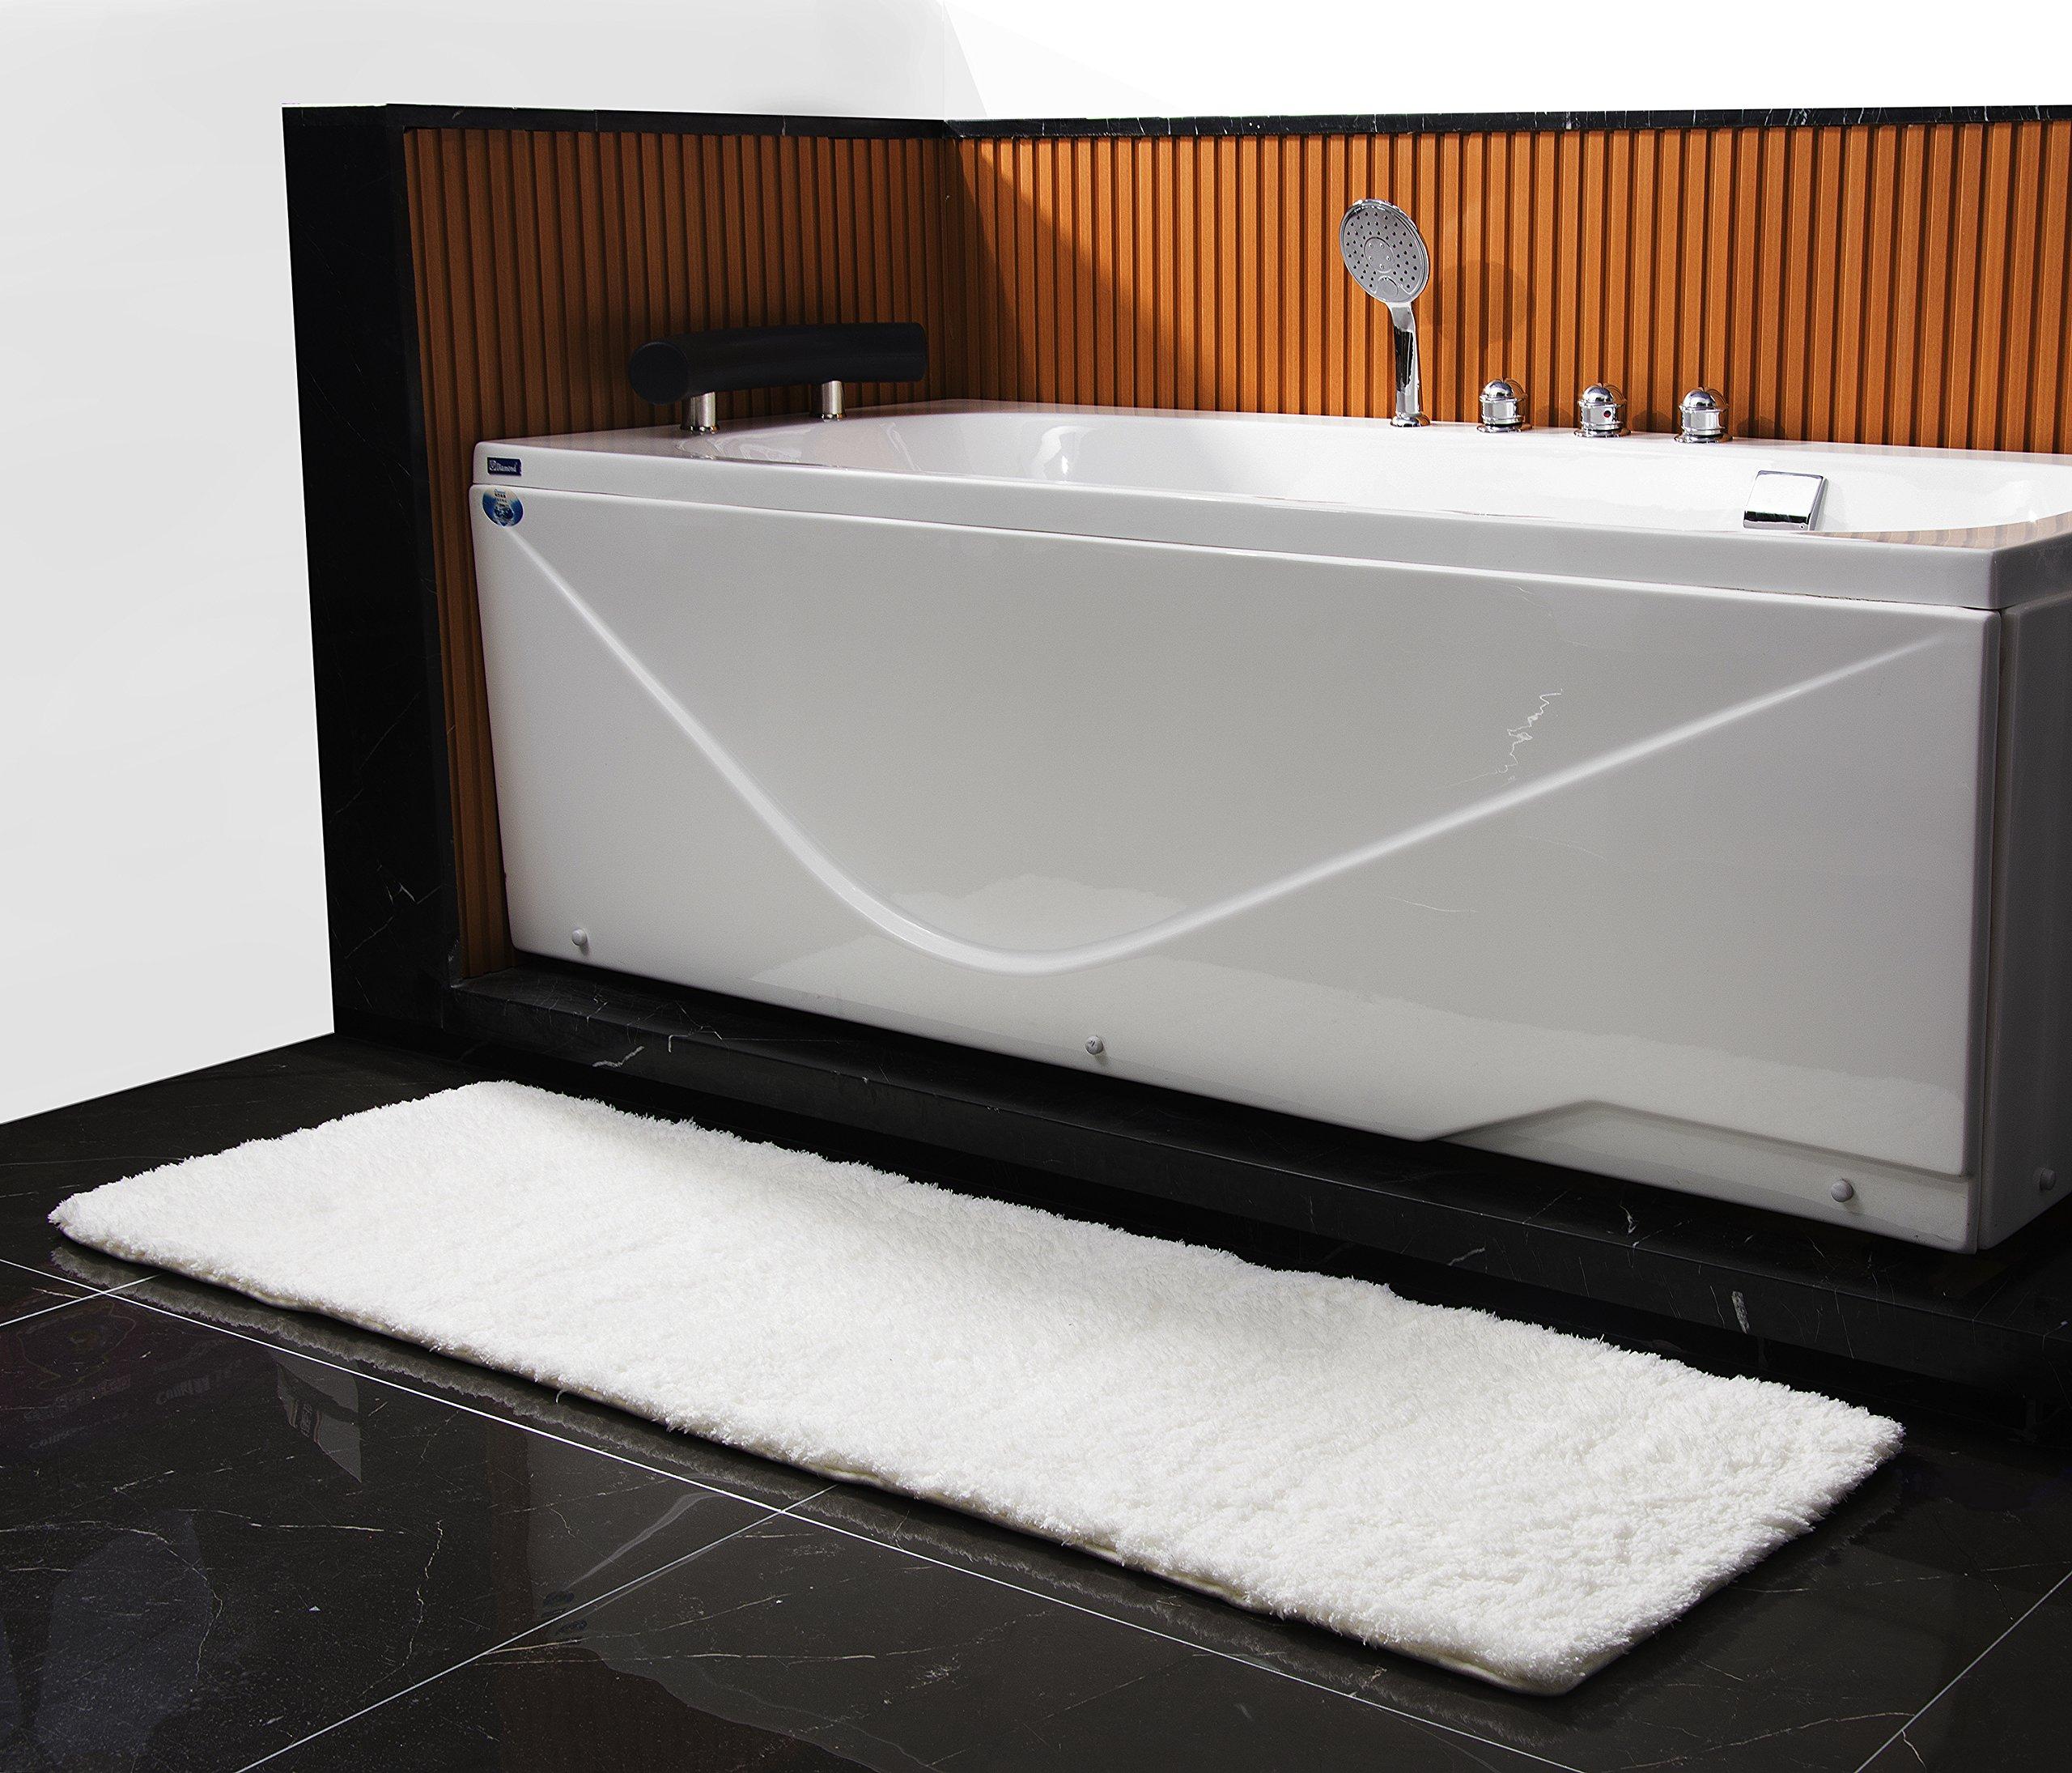 Microfiber Non-Slip Antibacterial Bath Mat